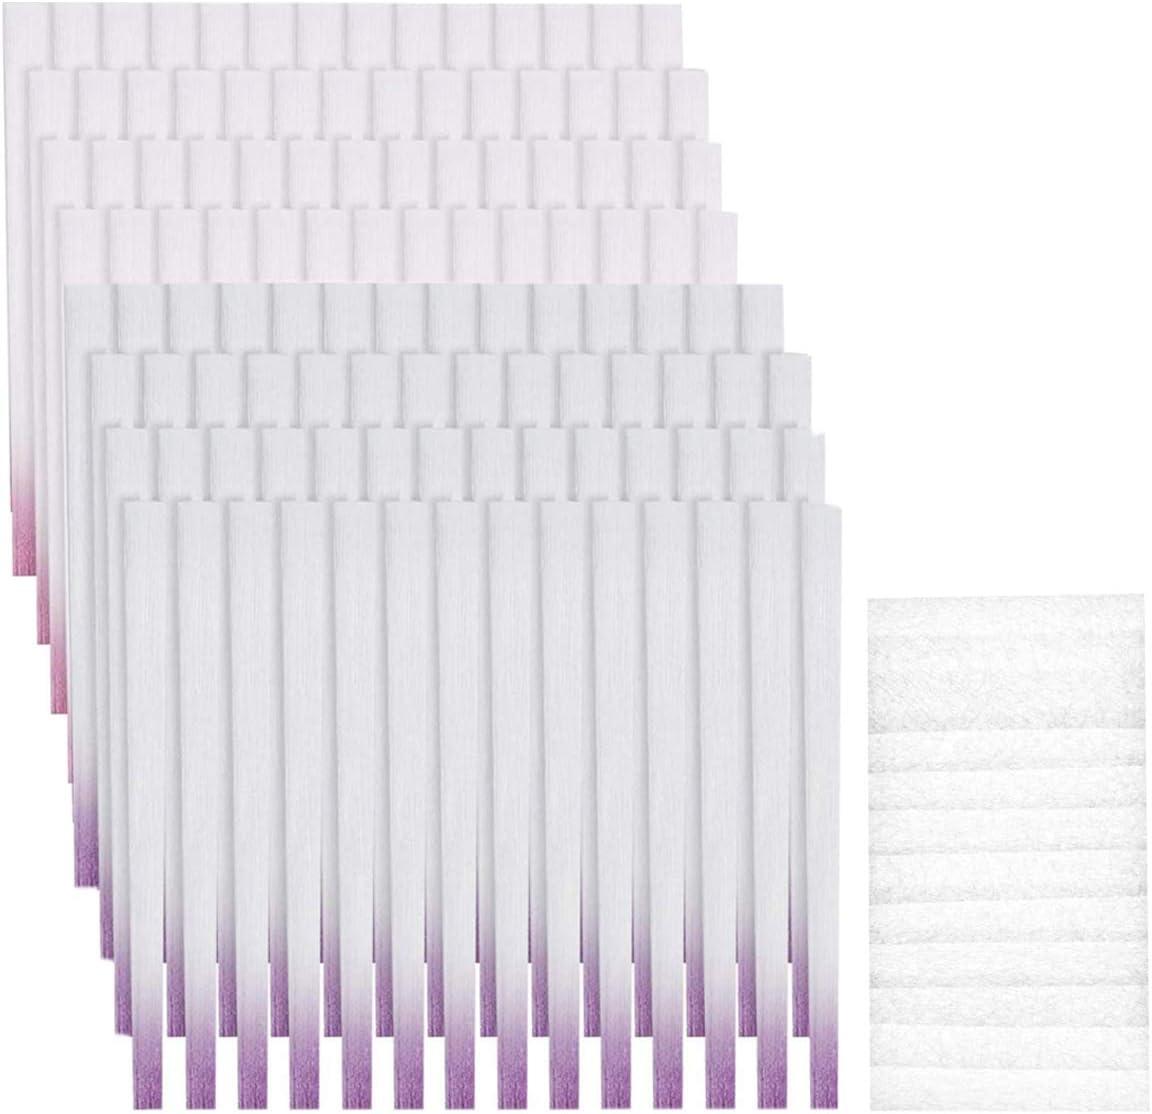 Dancepandas Extensión de Uñas de Fibra de Vidrio 250PCS Fiberglass Nails Kit Nails Extensions, Herramientas de Manicura para Salones e Bricolaje en Casa